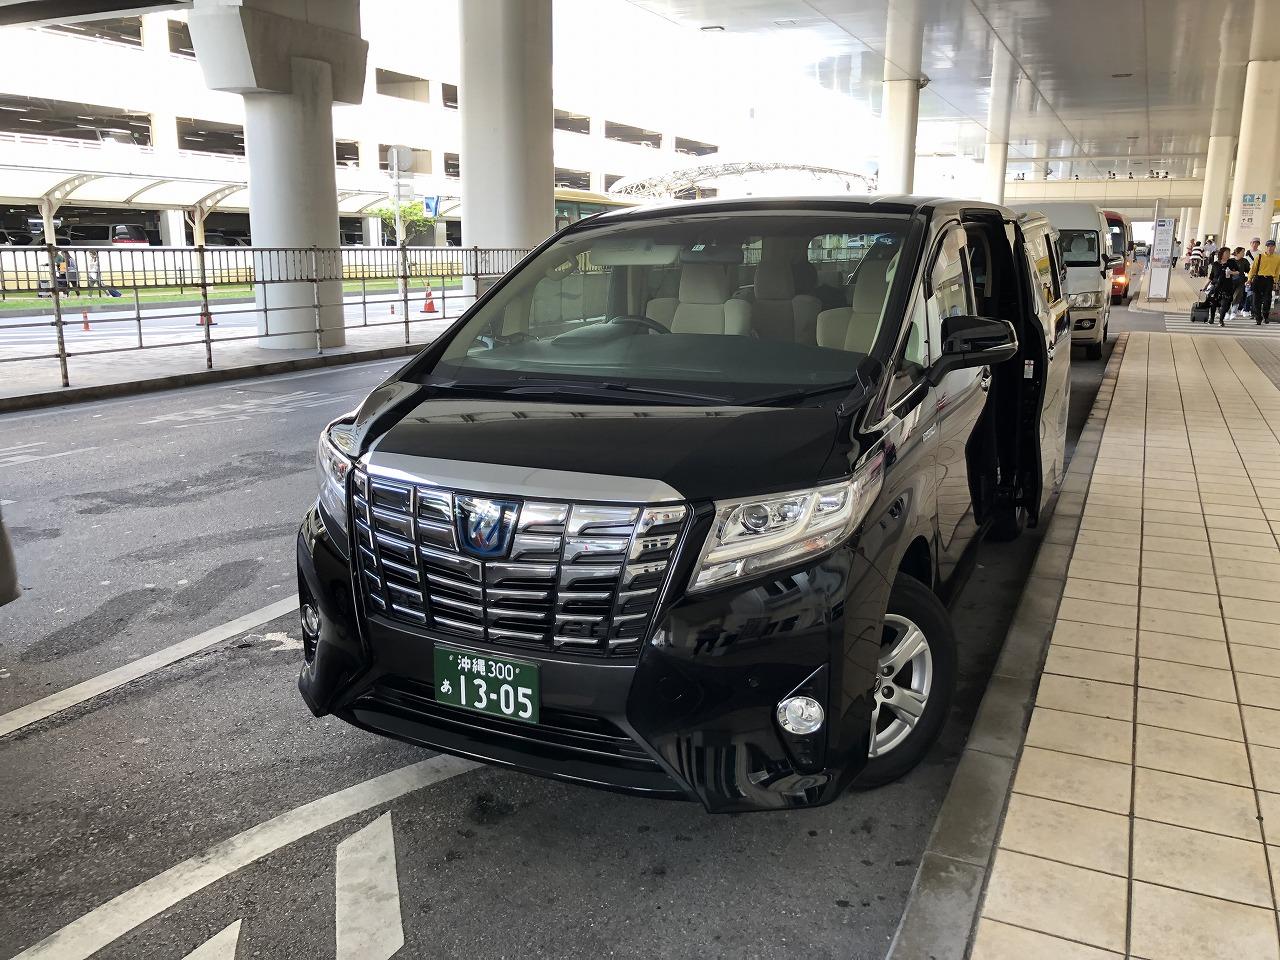 リッツカールトン沖縄のハイヤータクシー(アルファード)